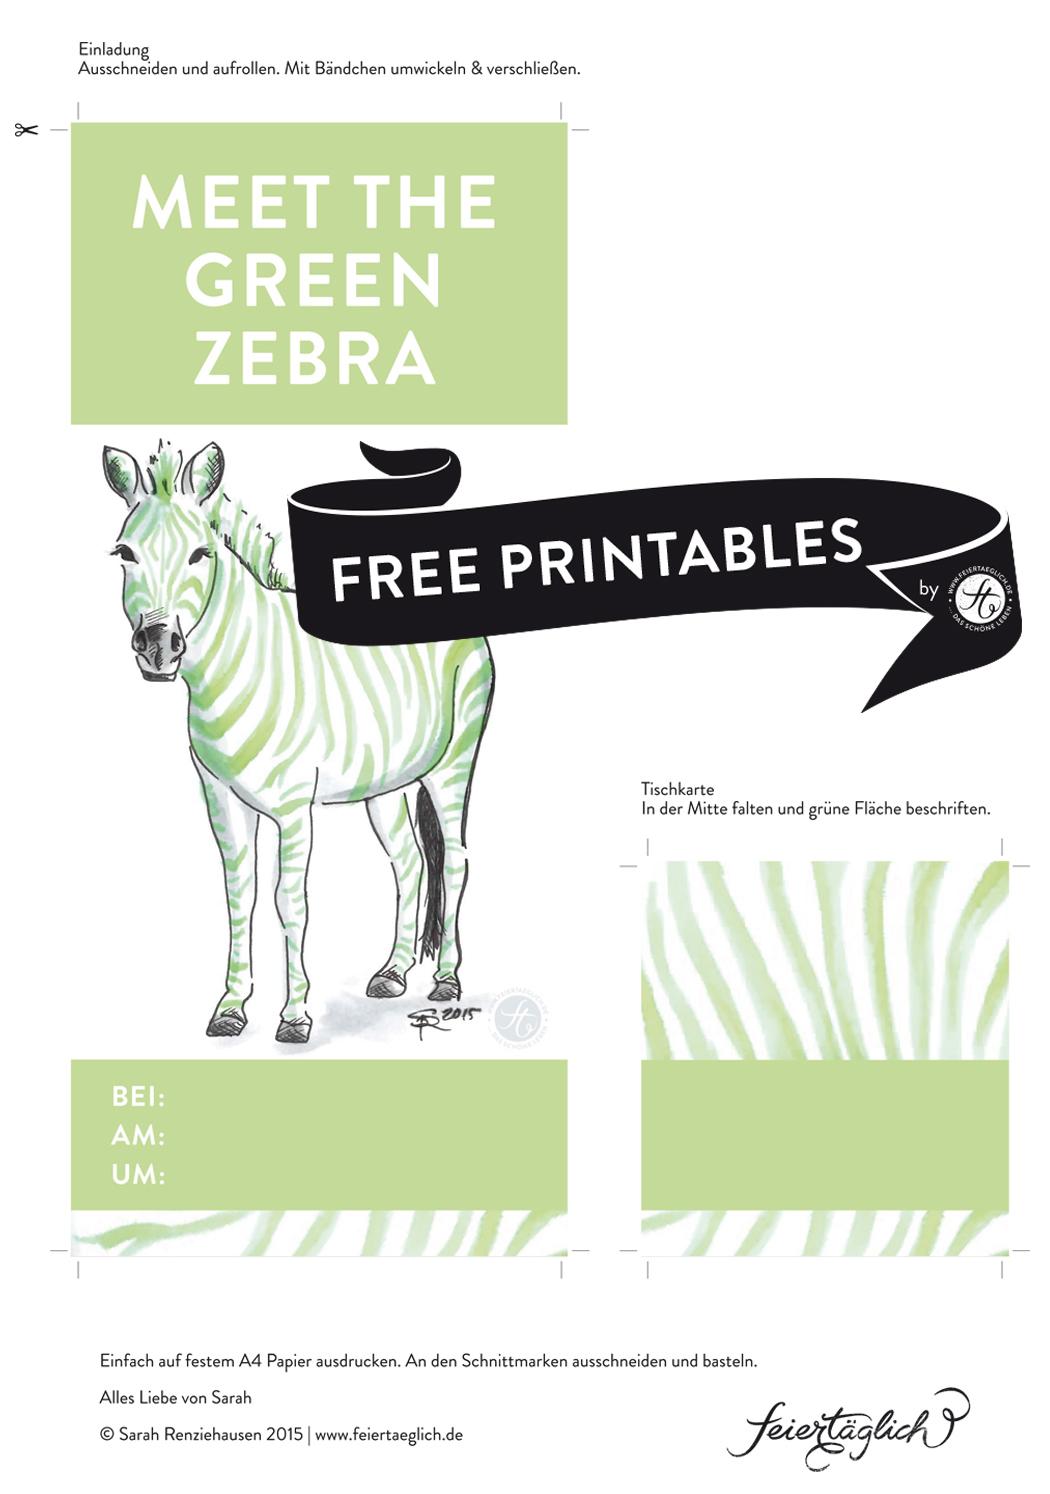 Einladung, Tischkarten, Green-Zebra-Party, Free Printables, Rezept für Kokos-Matcha-Green-Zebra Kuchen, Rührkuchen #meetthegreenzebra #ichbacksmir